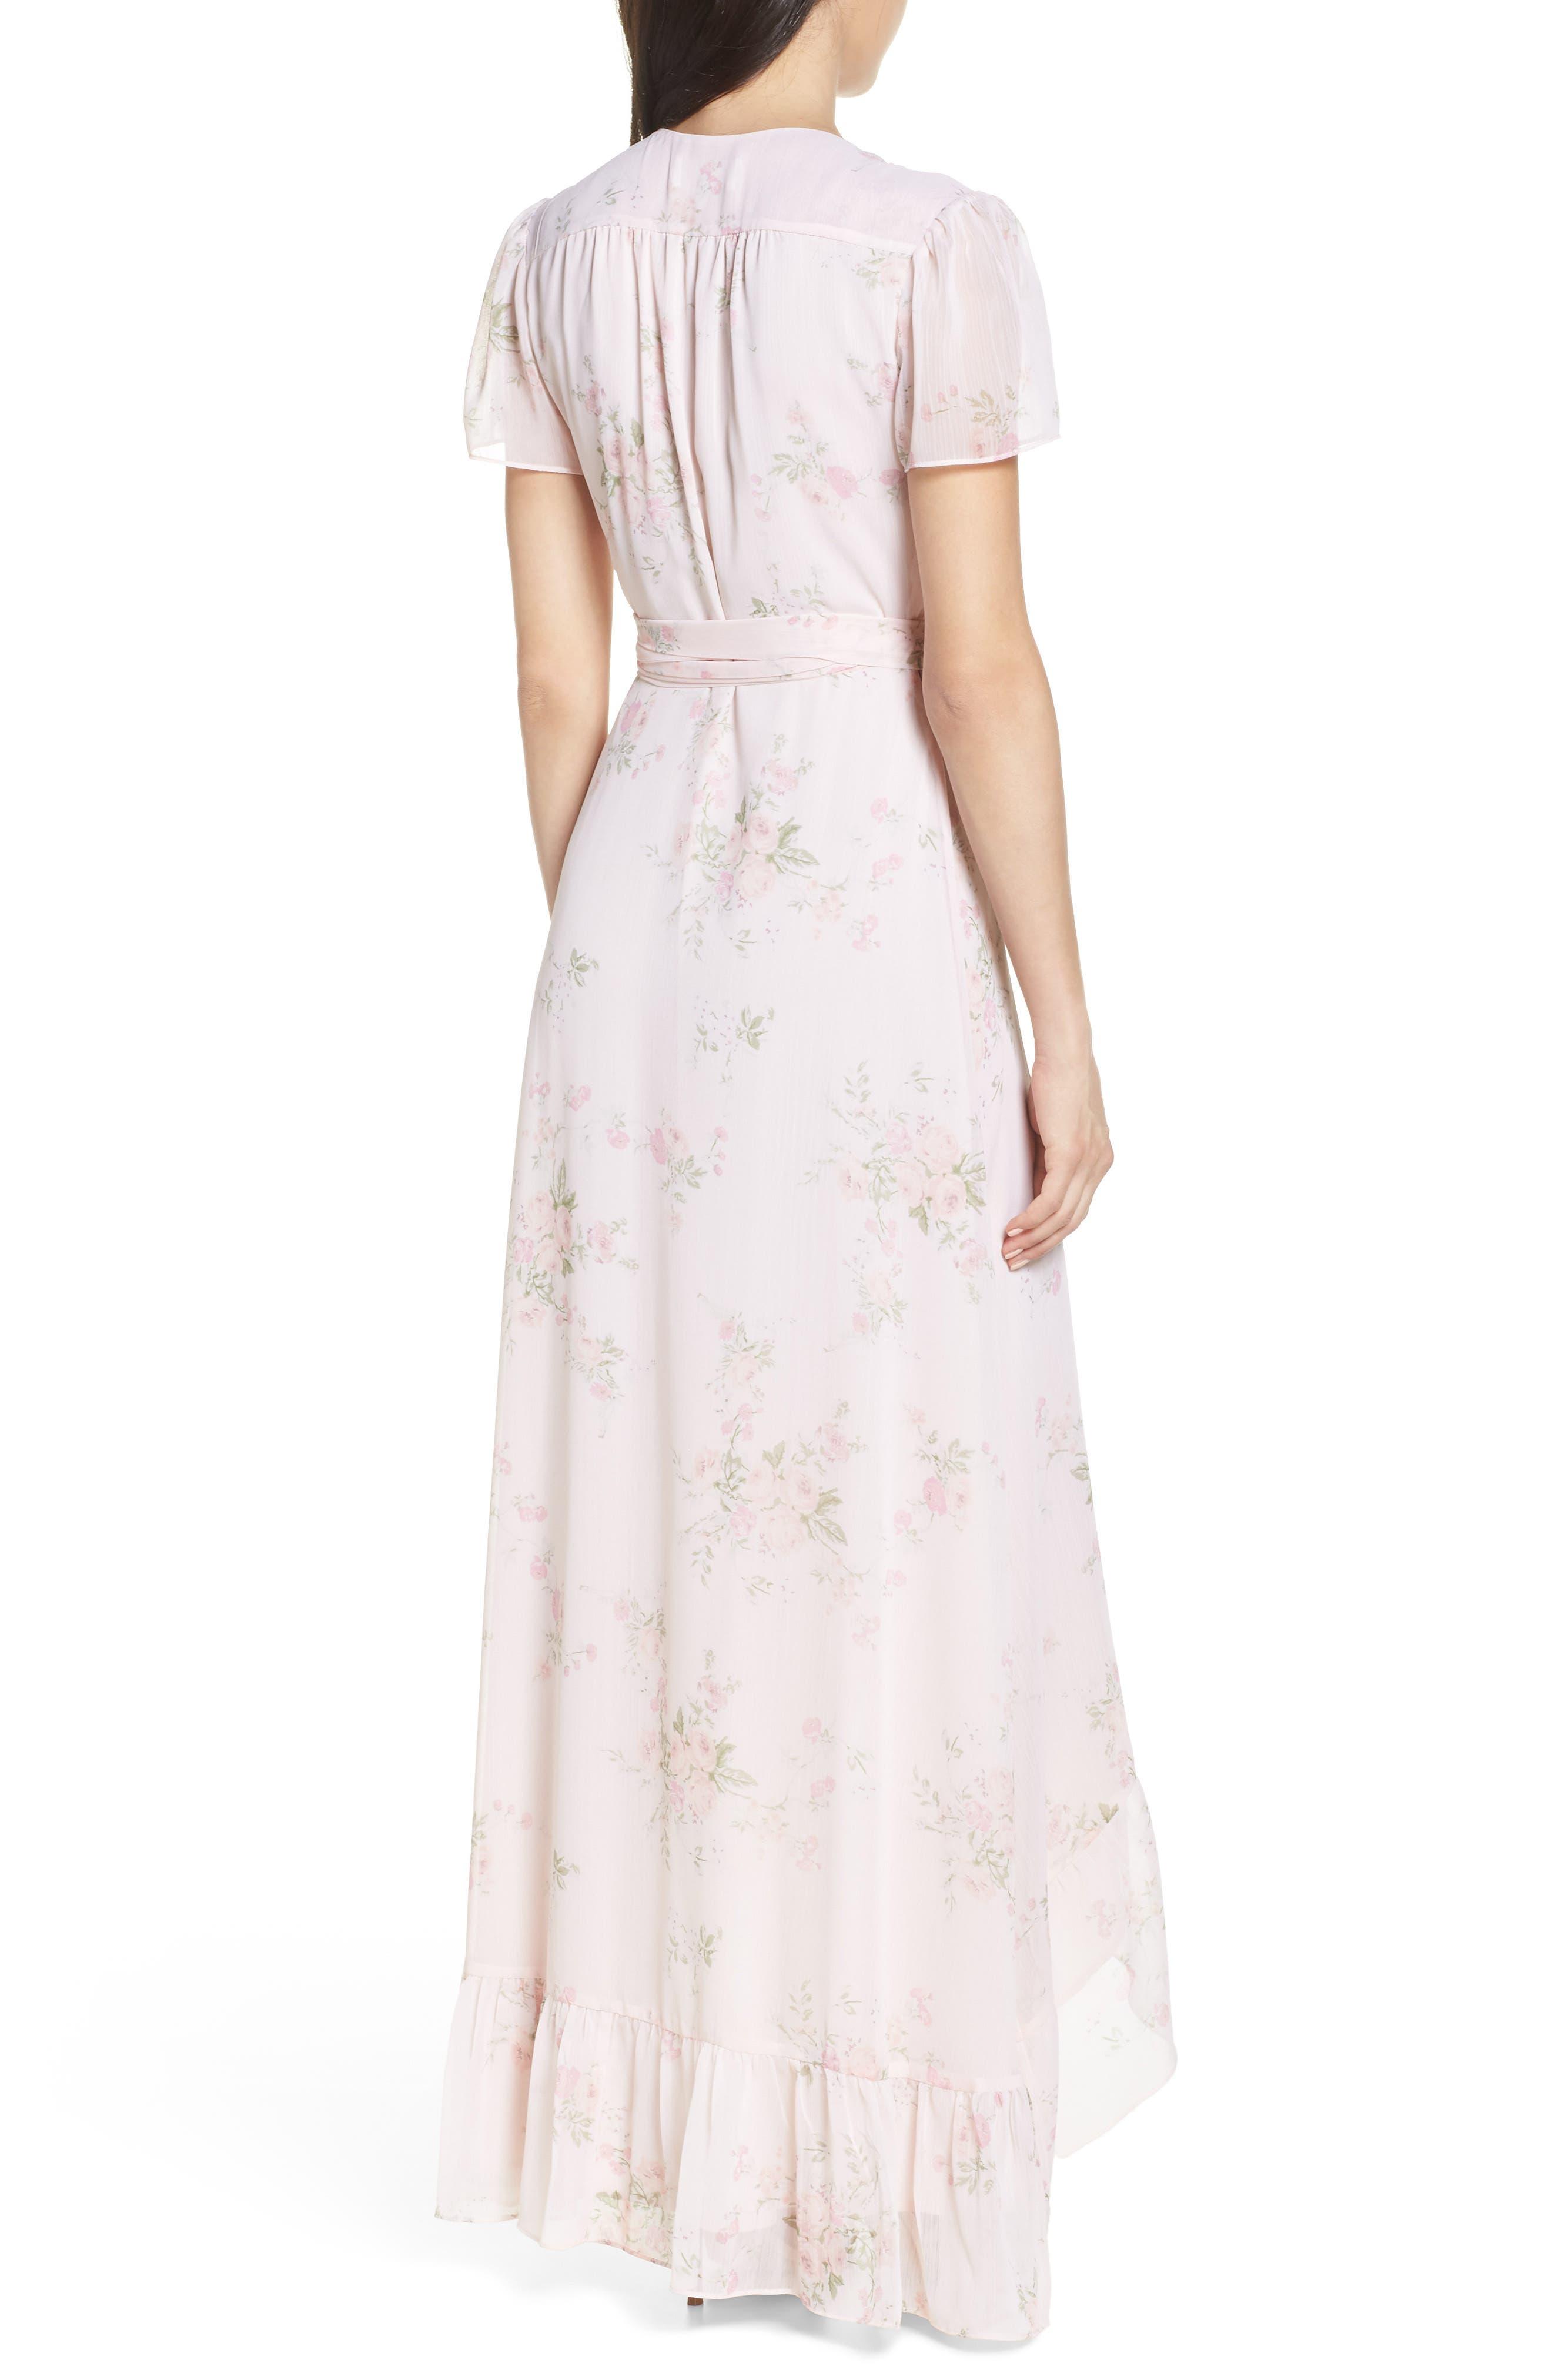 5a0a72a0b03 Women s WAYF Dresses